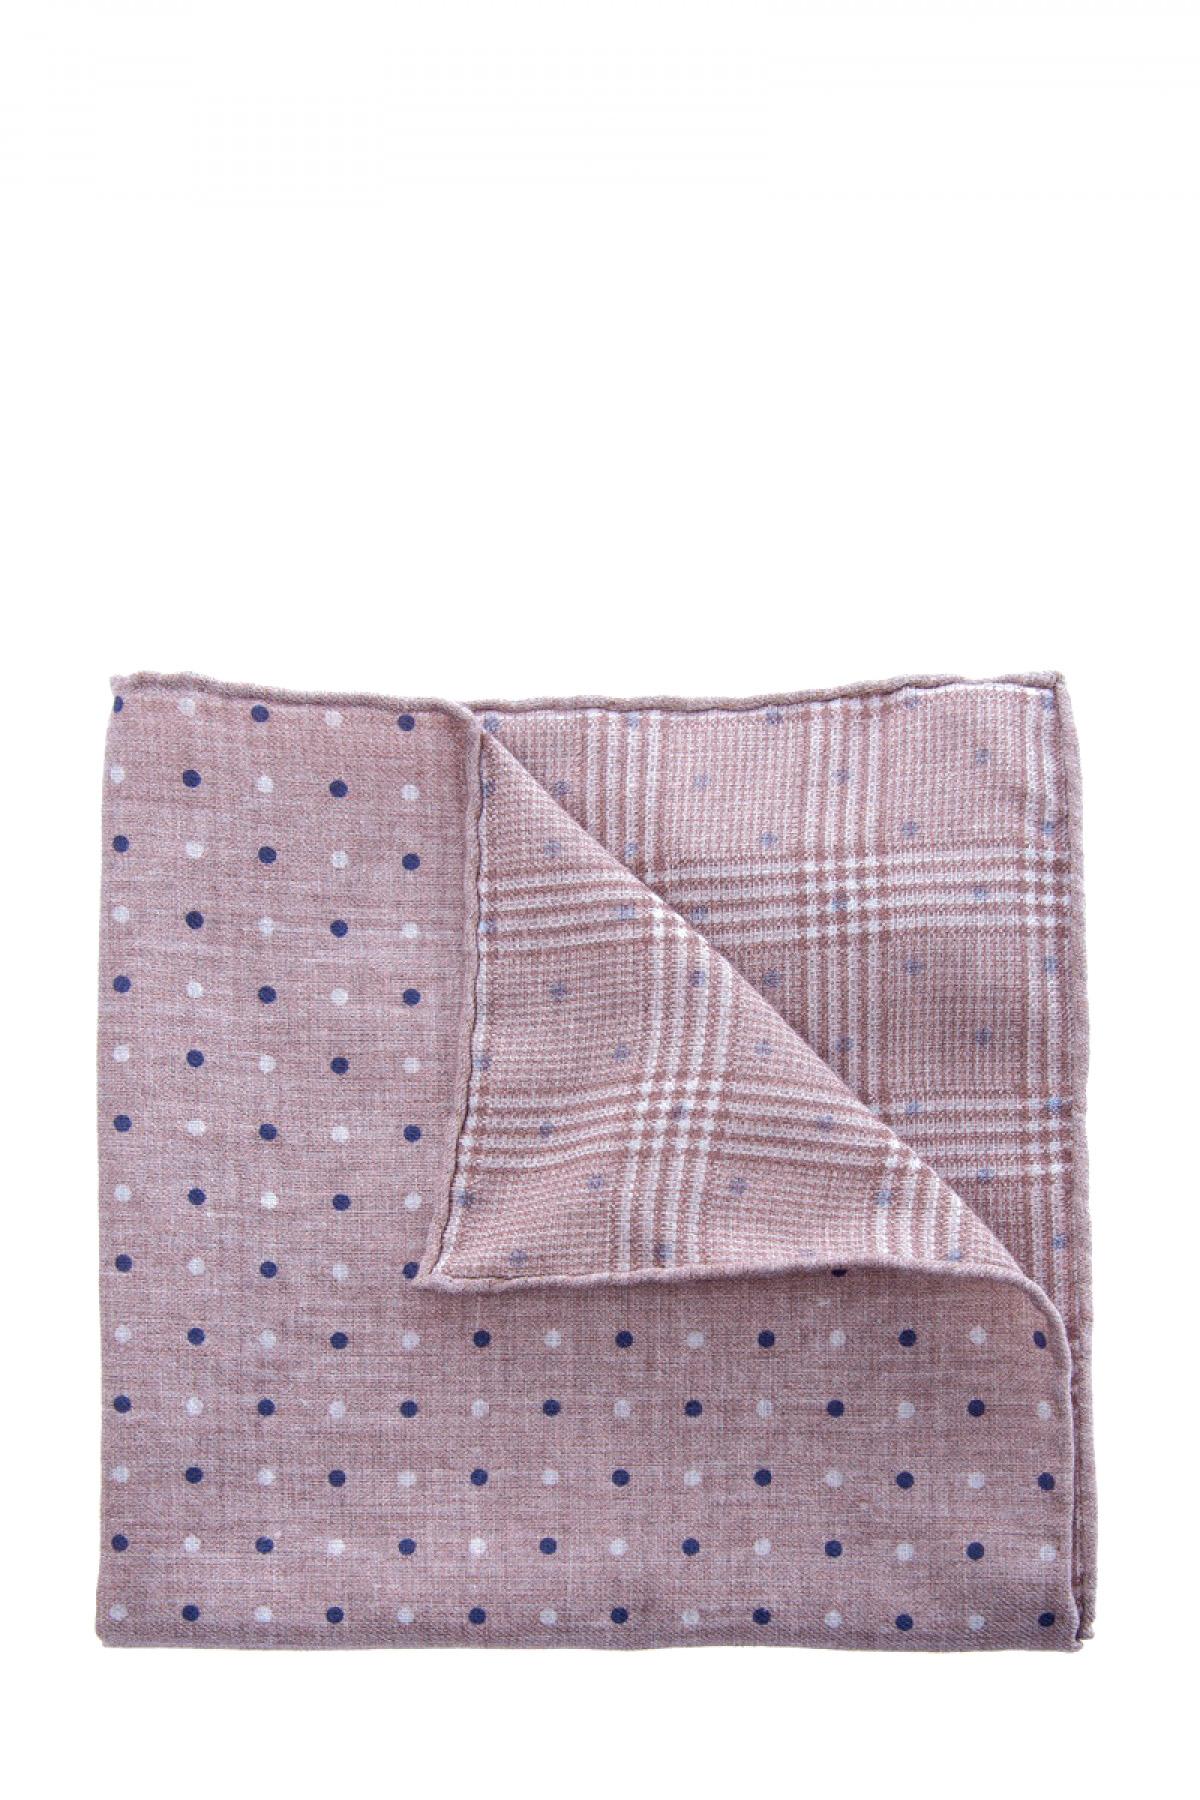 Купить Двусторонний платок-паше в бежево-розовой гамме с традиционными узорами, BRUNELLO CUCINELLI, Италия, хлопок 80%, шерсть 20%